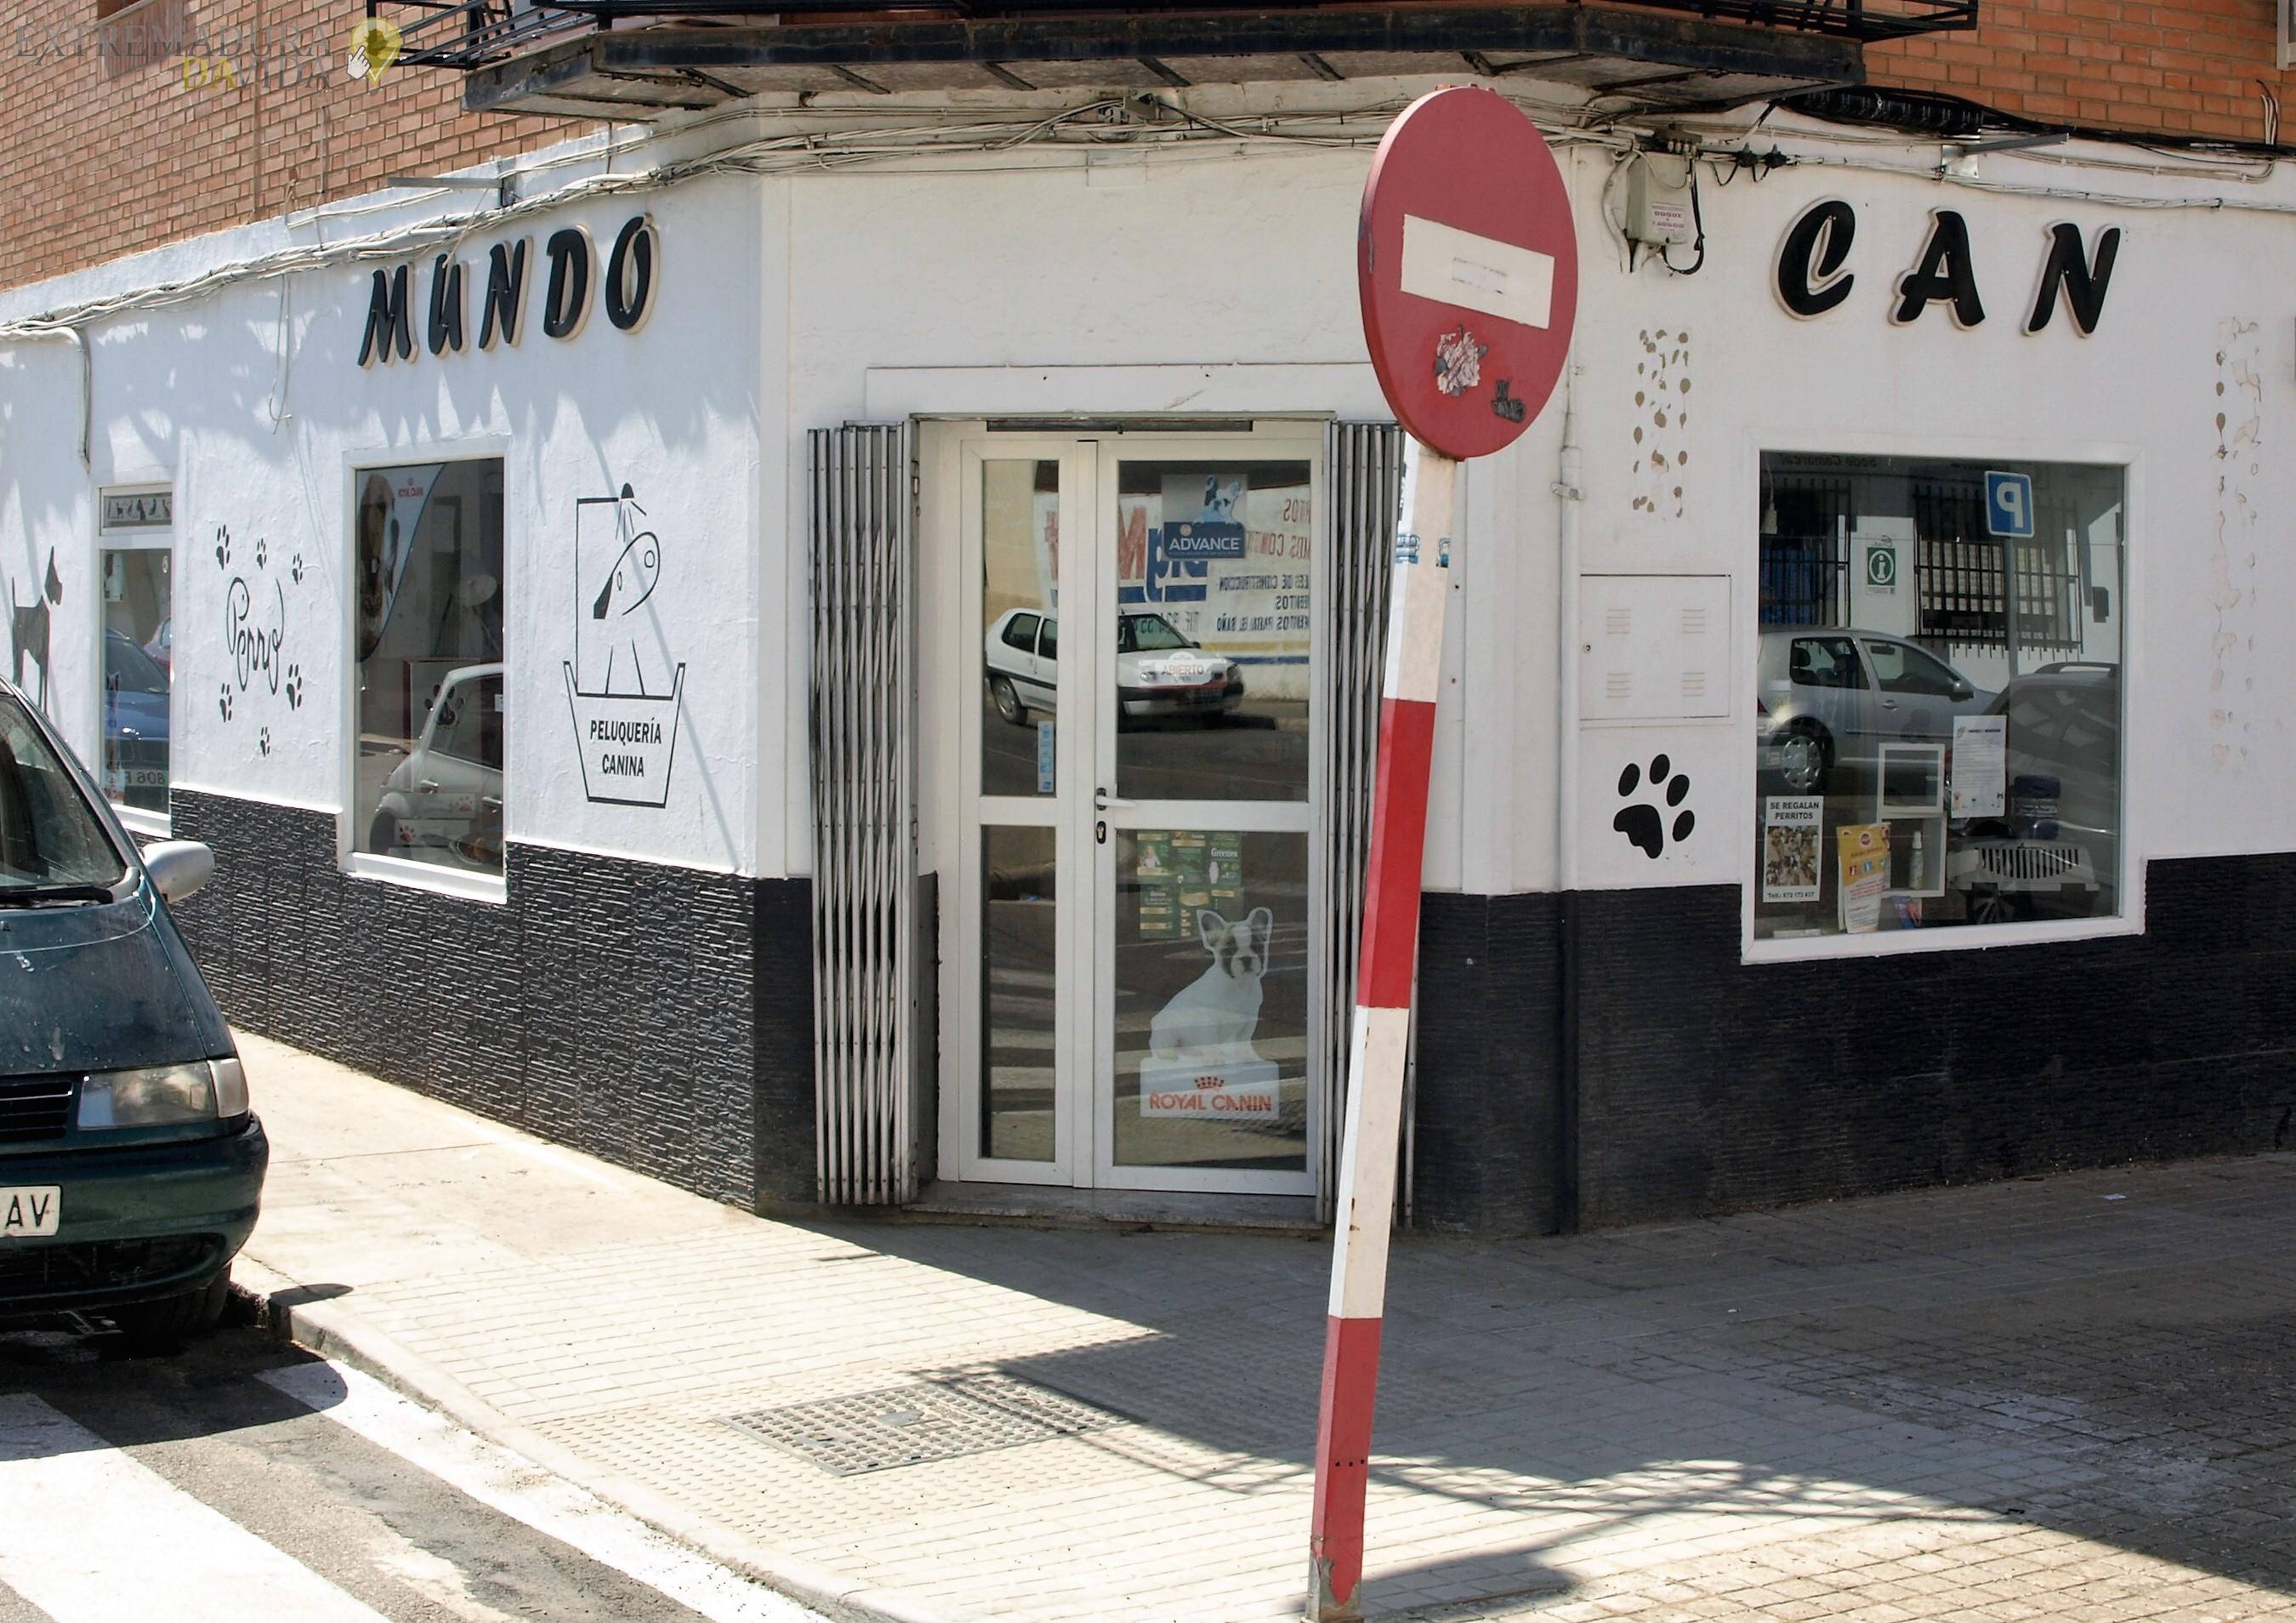 Peluqueria canina Zafra Mundo Can